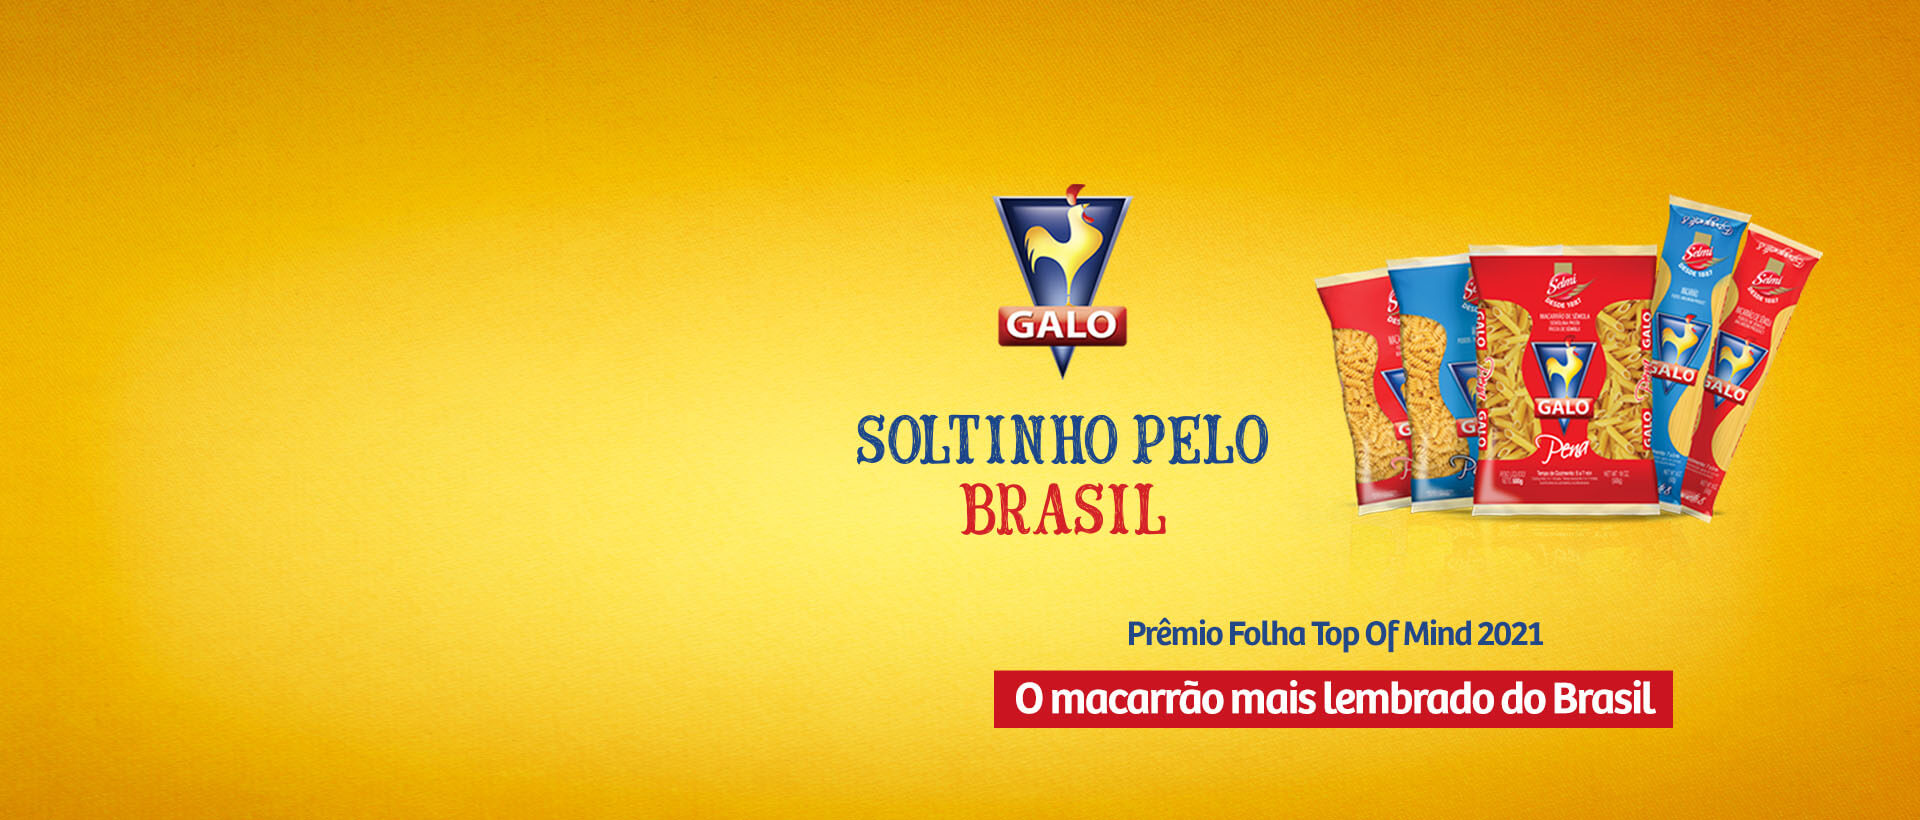 Banner campanha Galo Soltinho Pelo Brasil